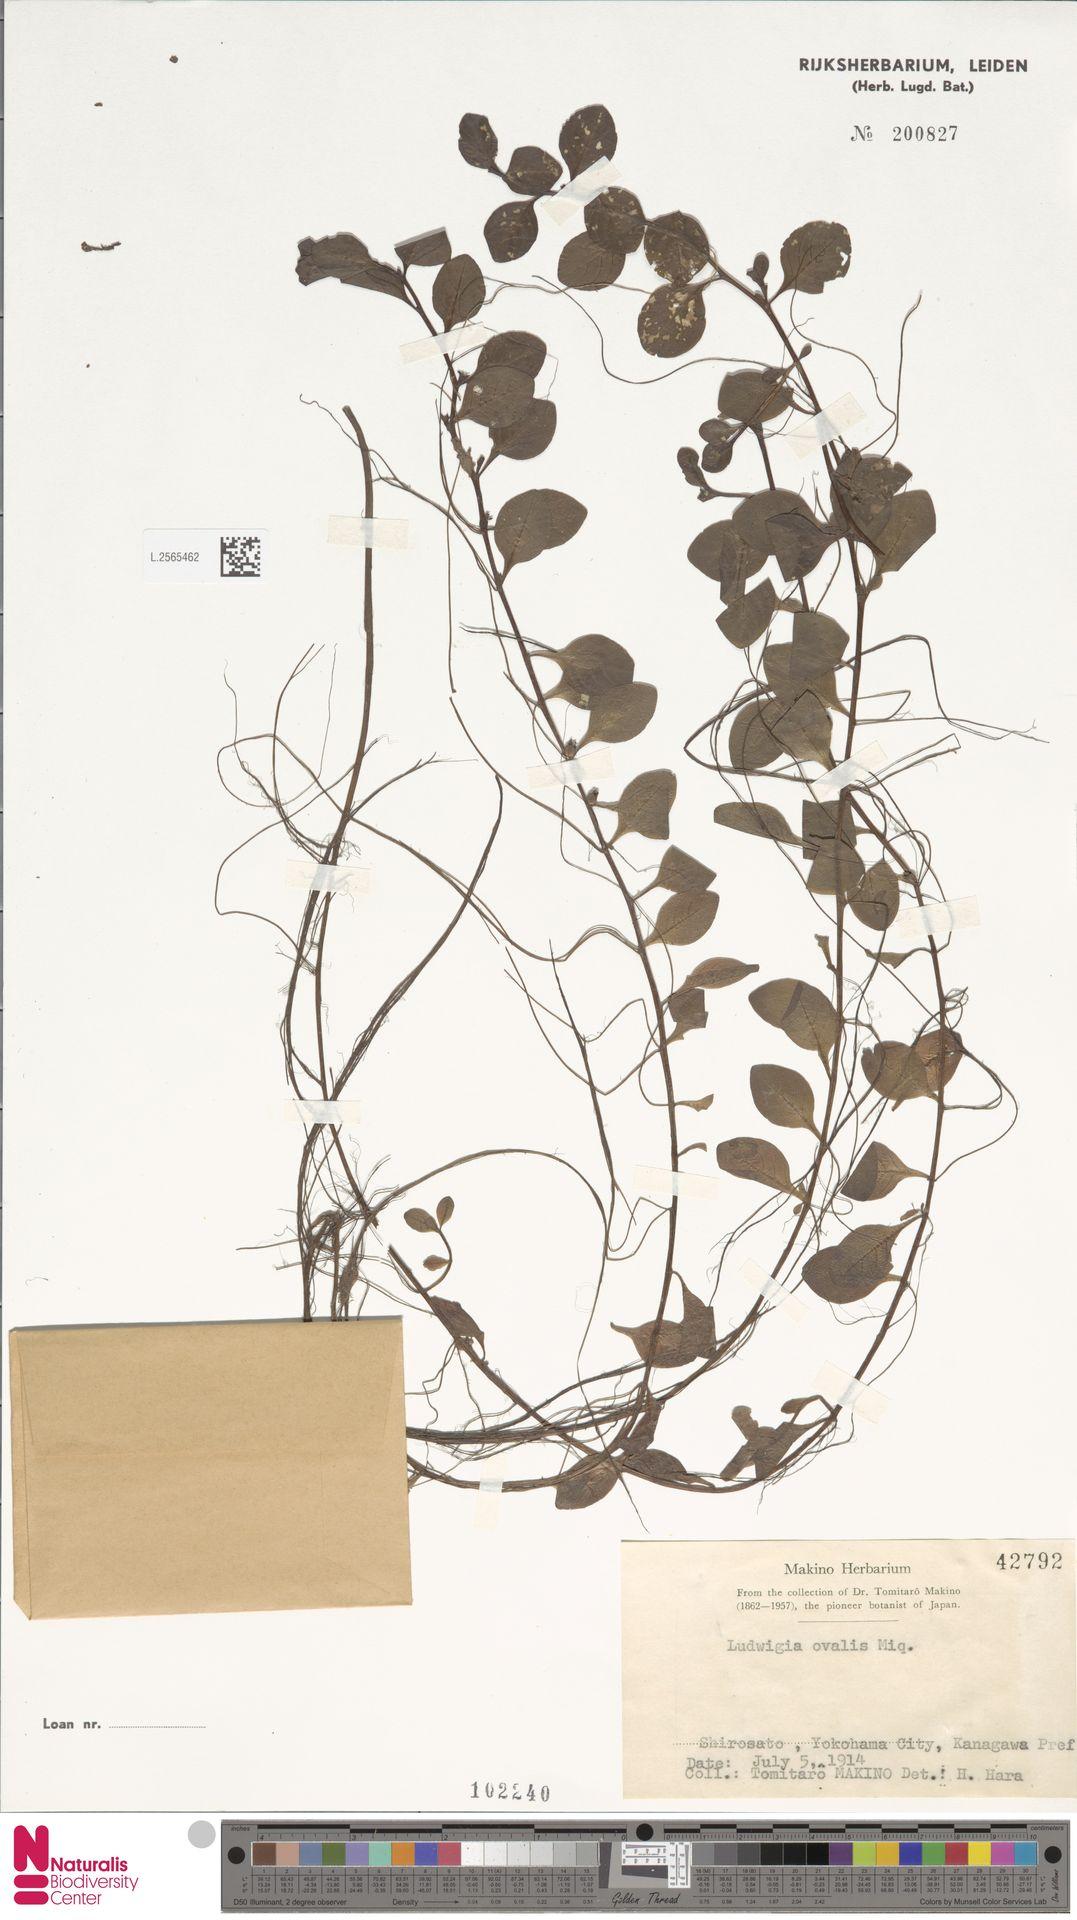 L.2565462 | Ludwigia ovalis Miq.